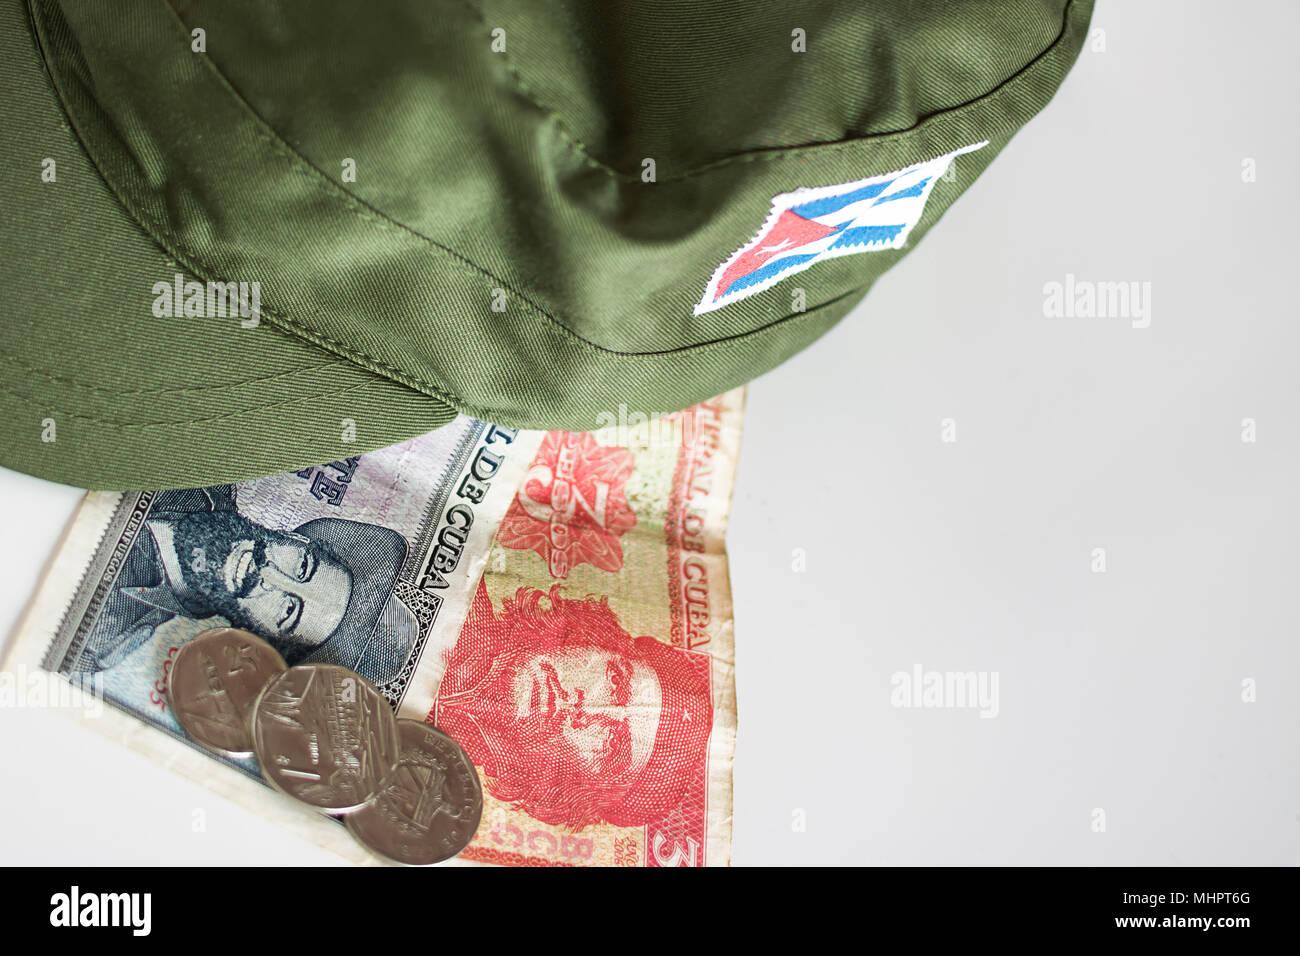 Algunos pesos cubanos con héroes icono de Guevara y Cienfuegos y gorra  militar Imagen De Stock 375ff64fb7e